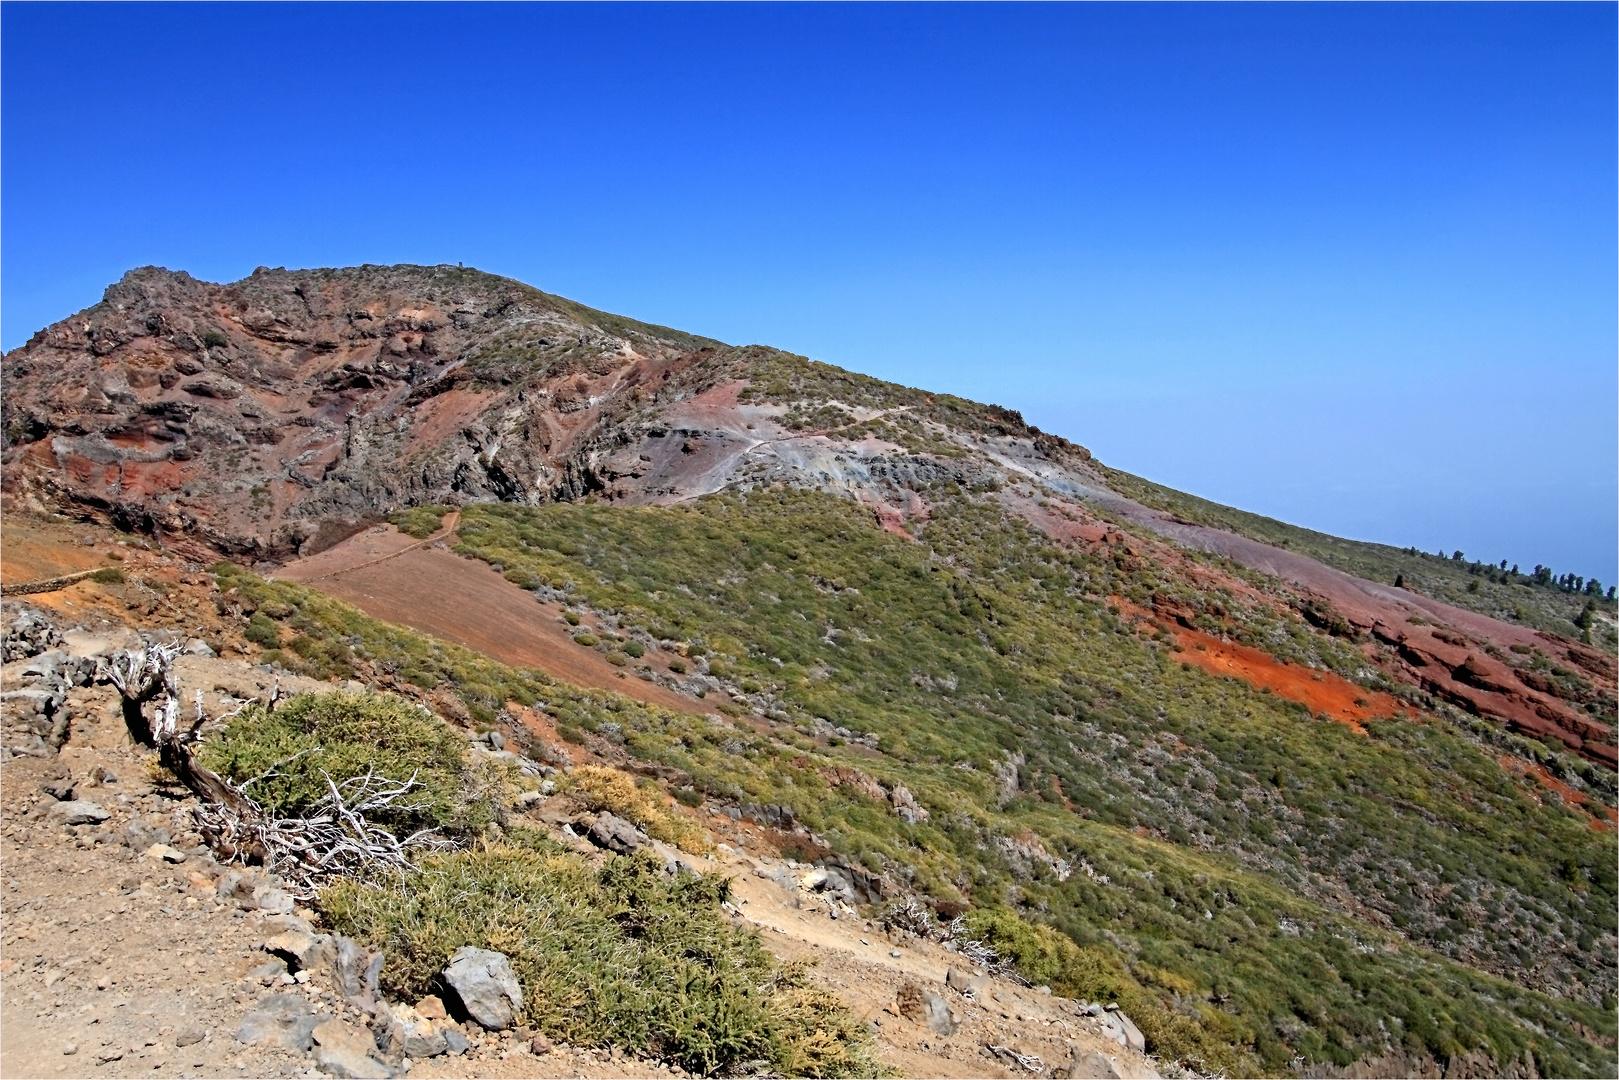 der Kammweg vom Pico de la Nieve zum Pico de la Cruz